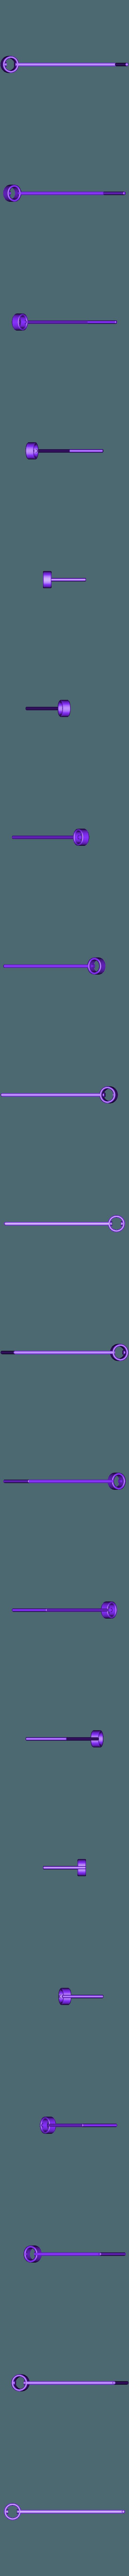 Venus_arm.stl Télécharger fichier STL gratuit Système solaire intérieur • Objet pour imprimante 3D, Richard90